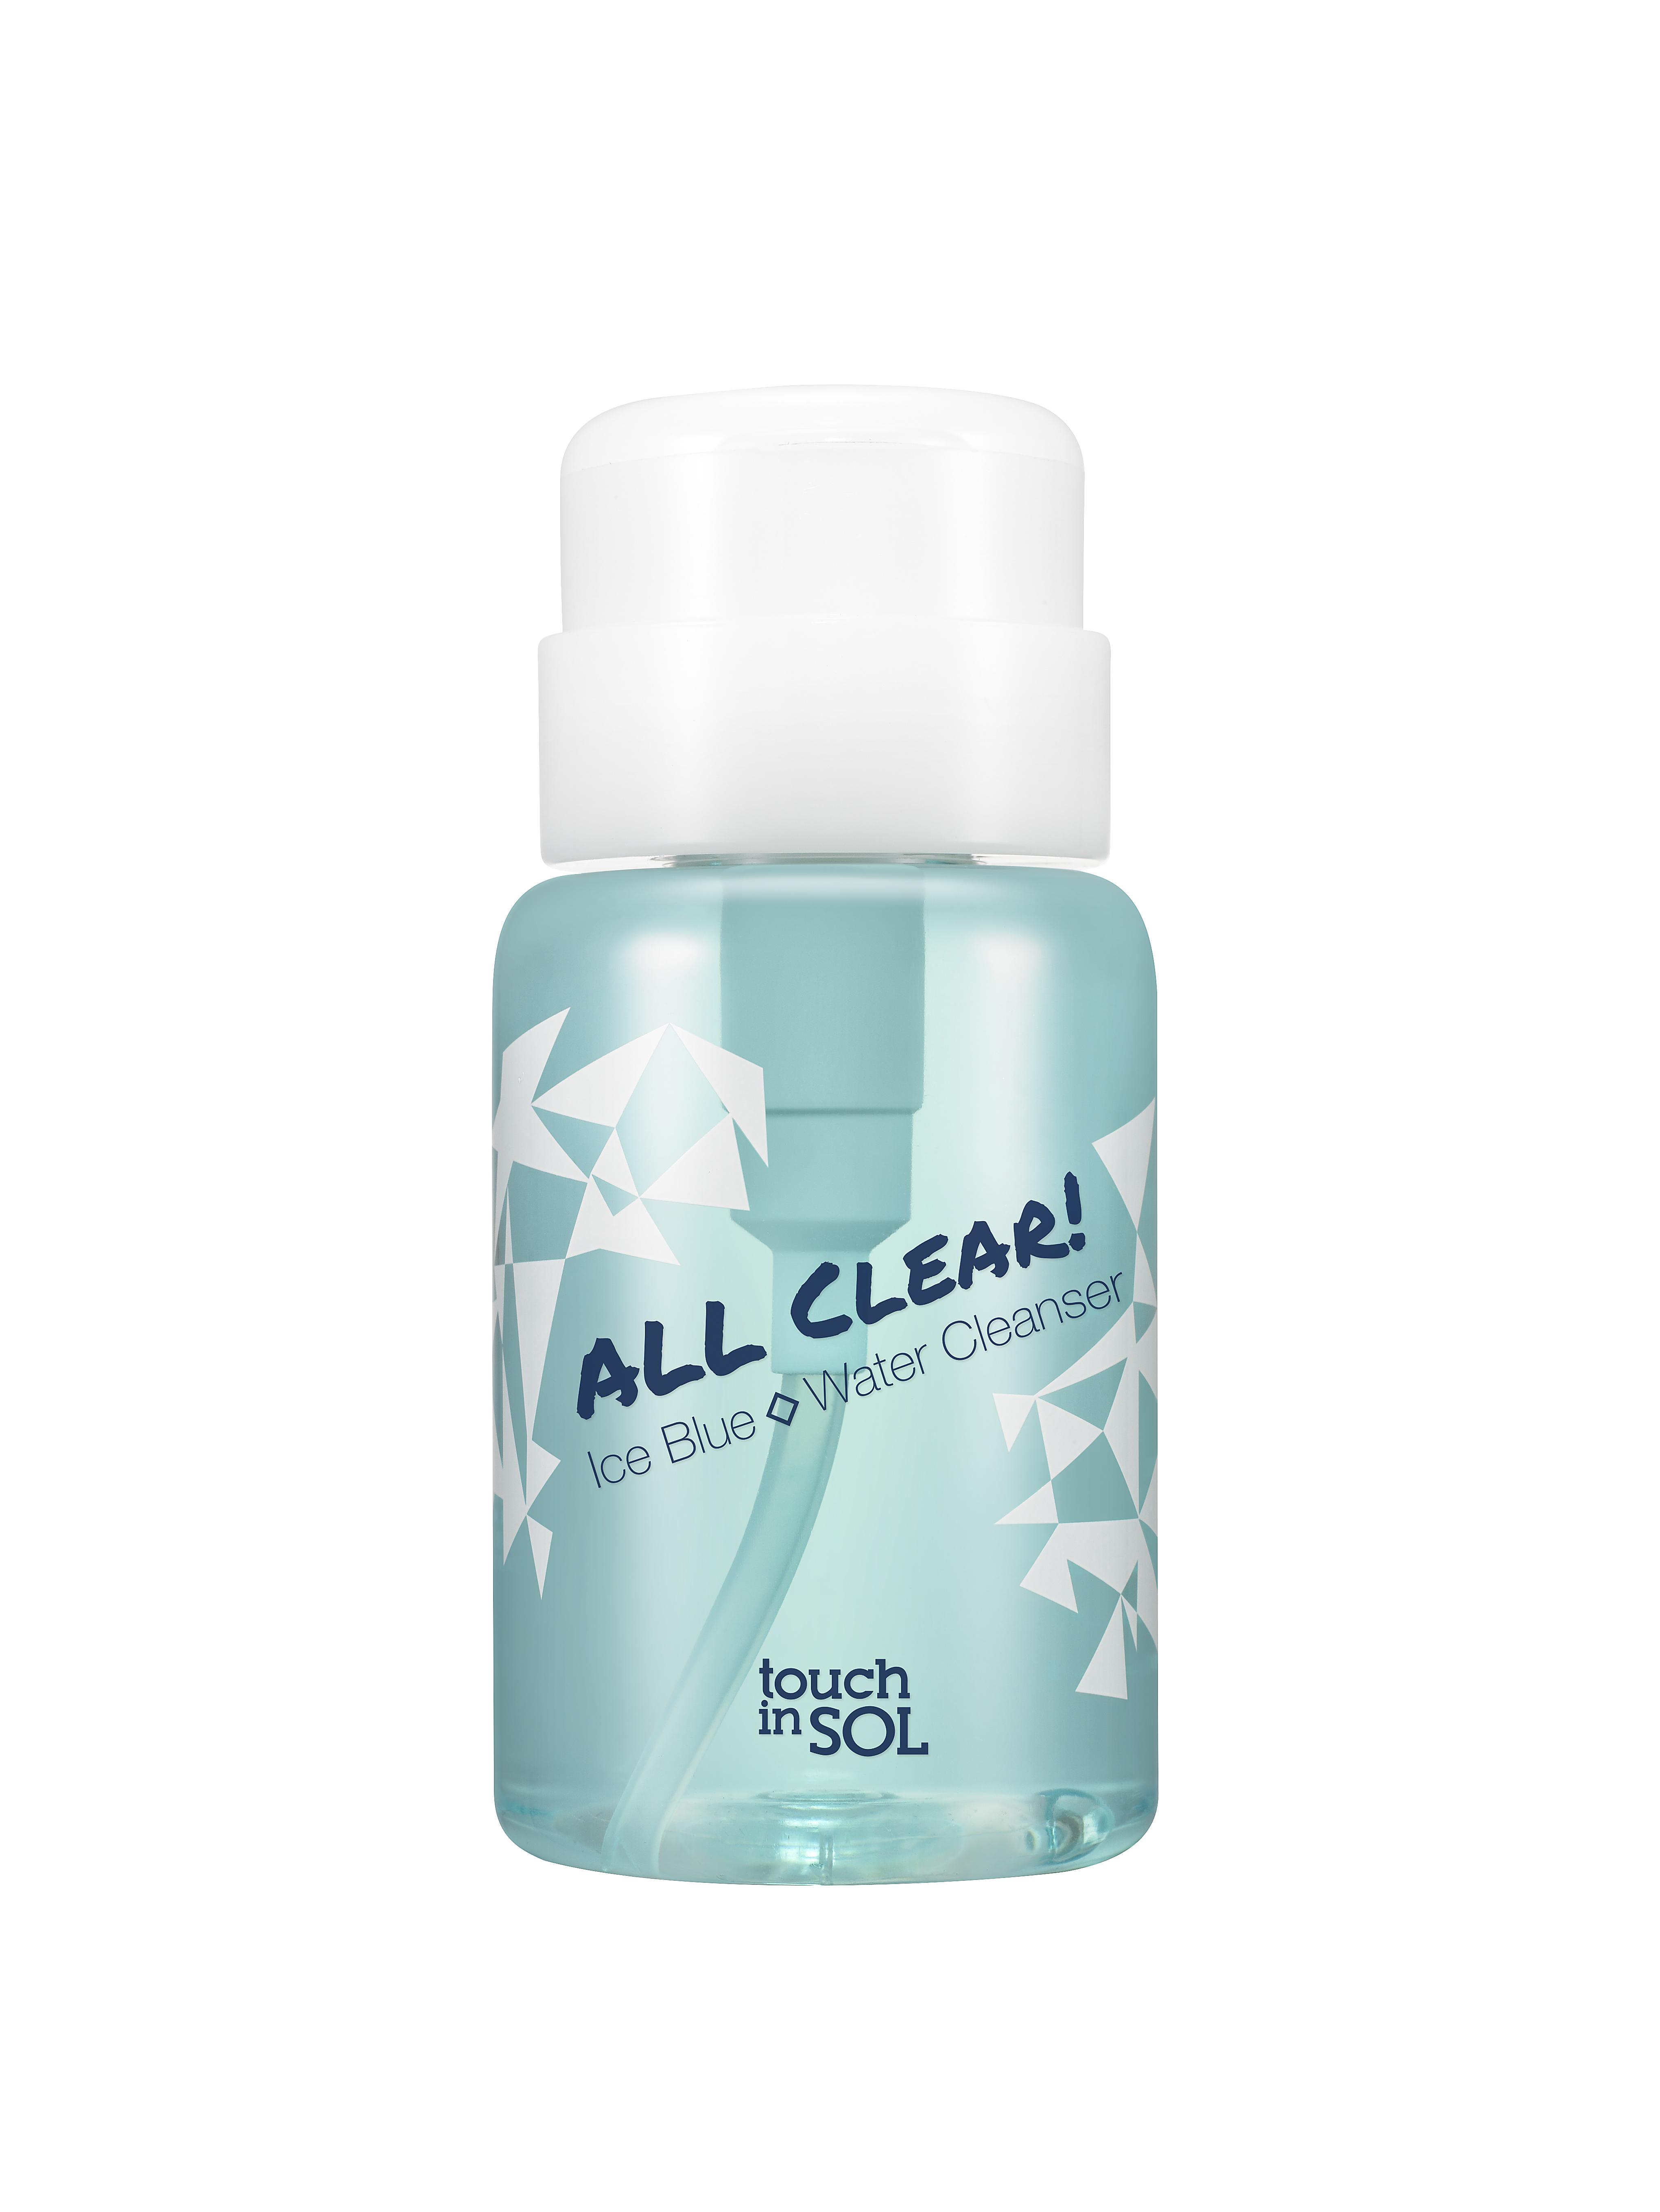 Touch in SOL Средство для снятия макияжа All Clear! Ice Blue Water, 150 мл0582Средство для снятия макияжа Touch in SOL All Clear! Ice Blue Water - это мягкое очищающее средство для снятия повседневного макияжа очень удобно в использовании. Средство на основе ледниковой воды Аляски, натуральных ингредиентов (экстрактов лаванды, ромашки, бурачника, гиацинта) отлично подходит для чувствительной кожи.Товар сертифицирован.